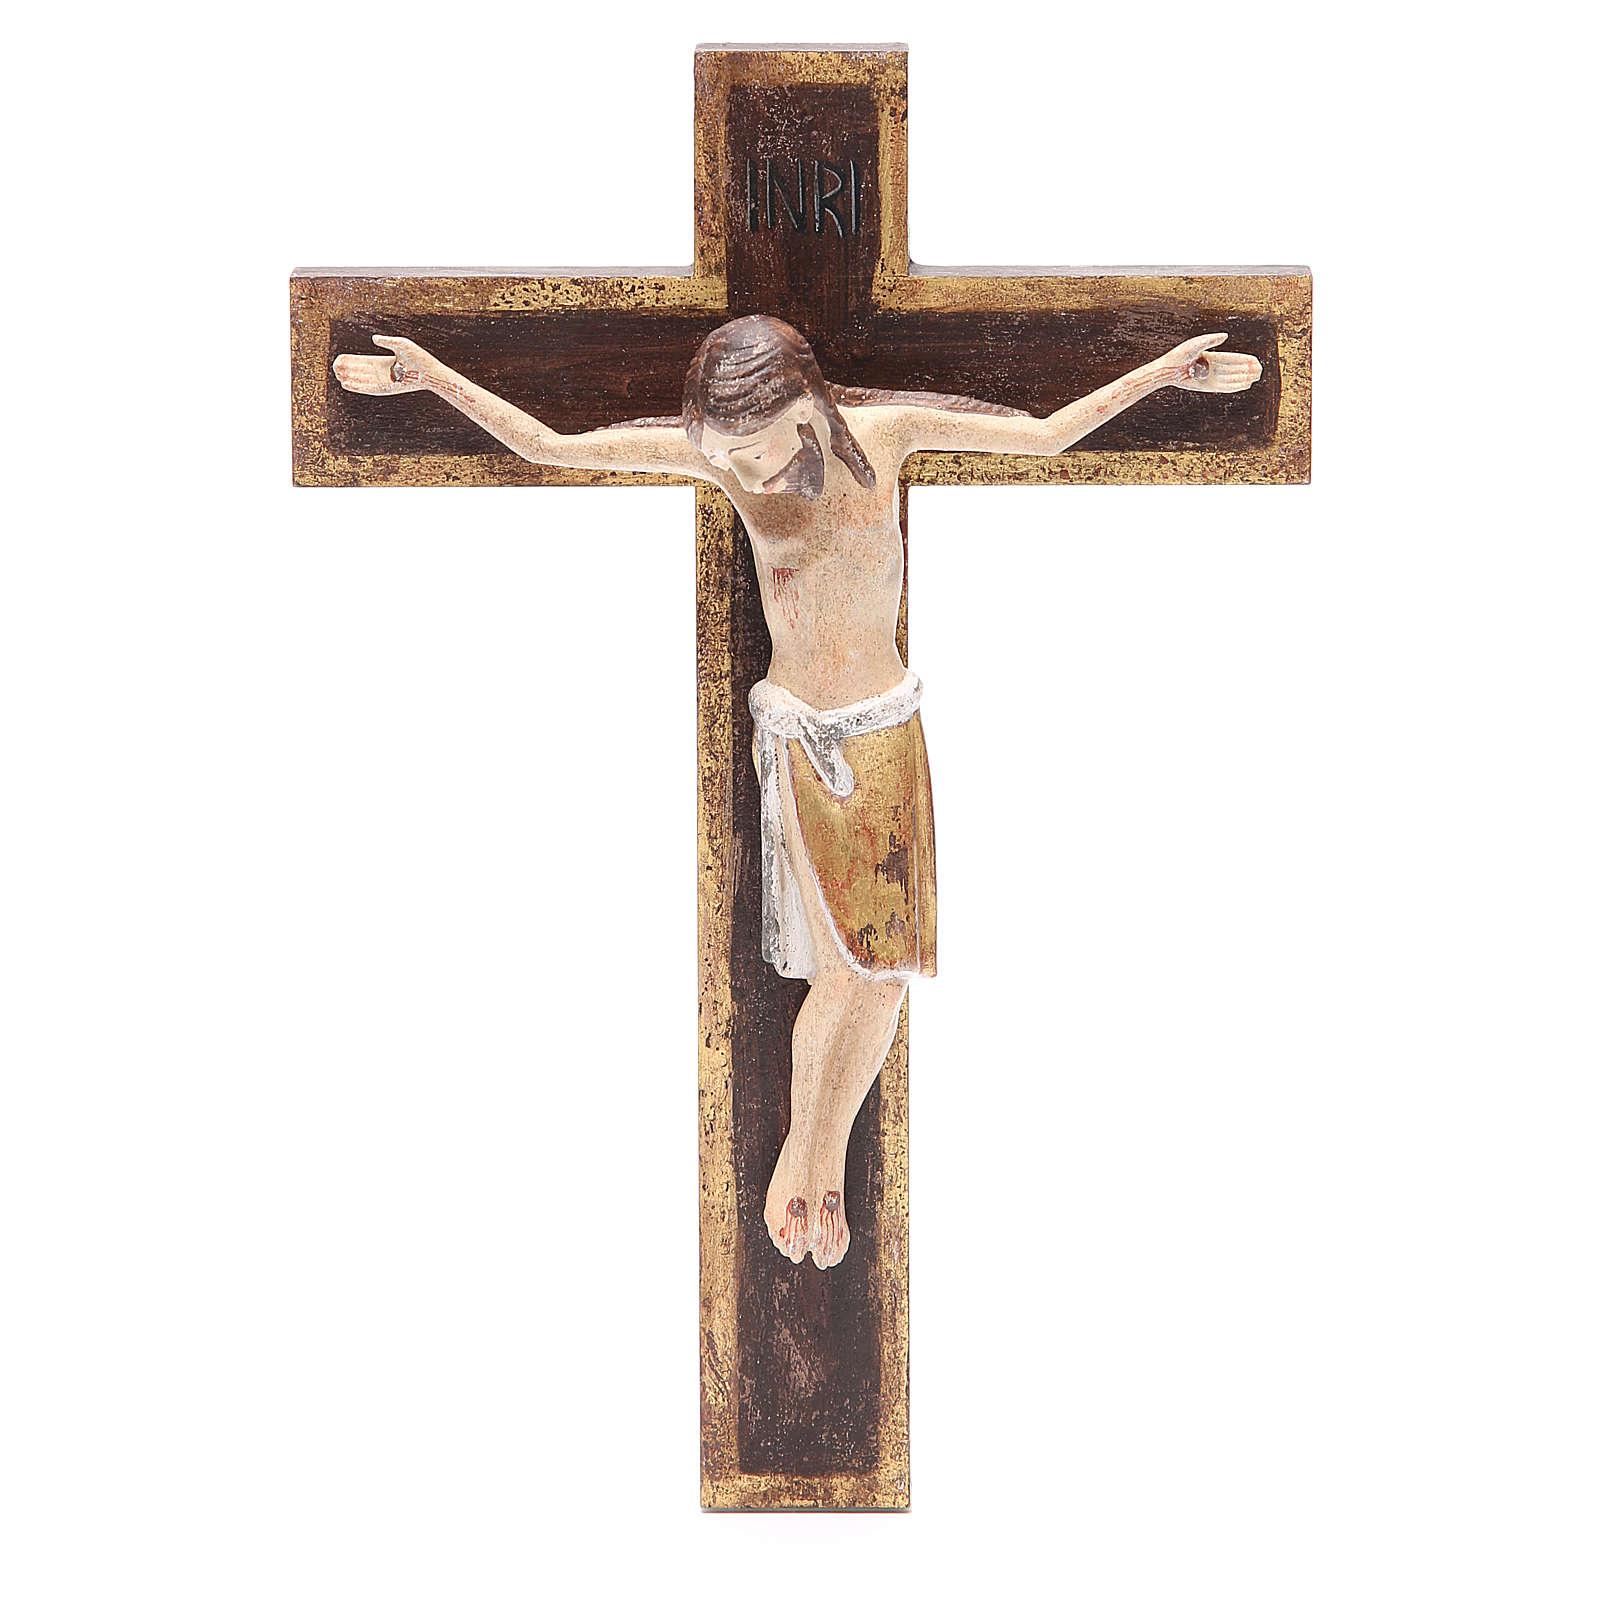 Crocifisso romanico legno Valgardena 65 cm Antico Gold 4